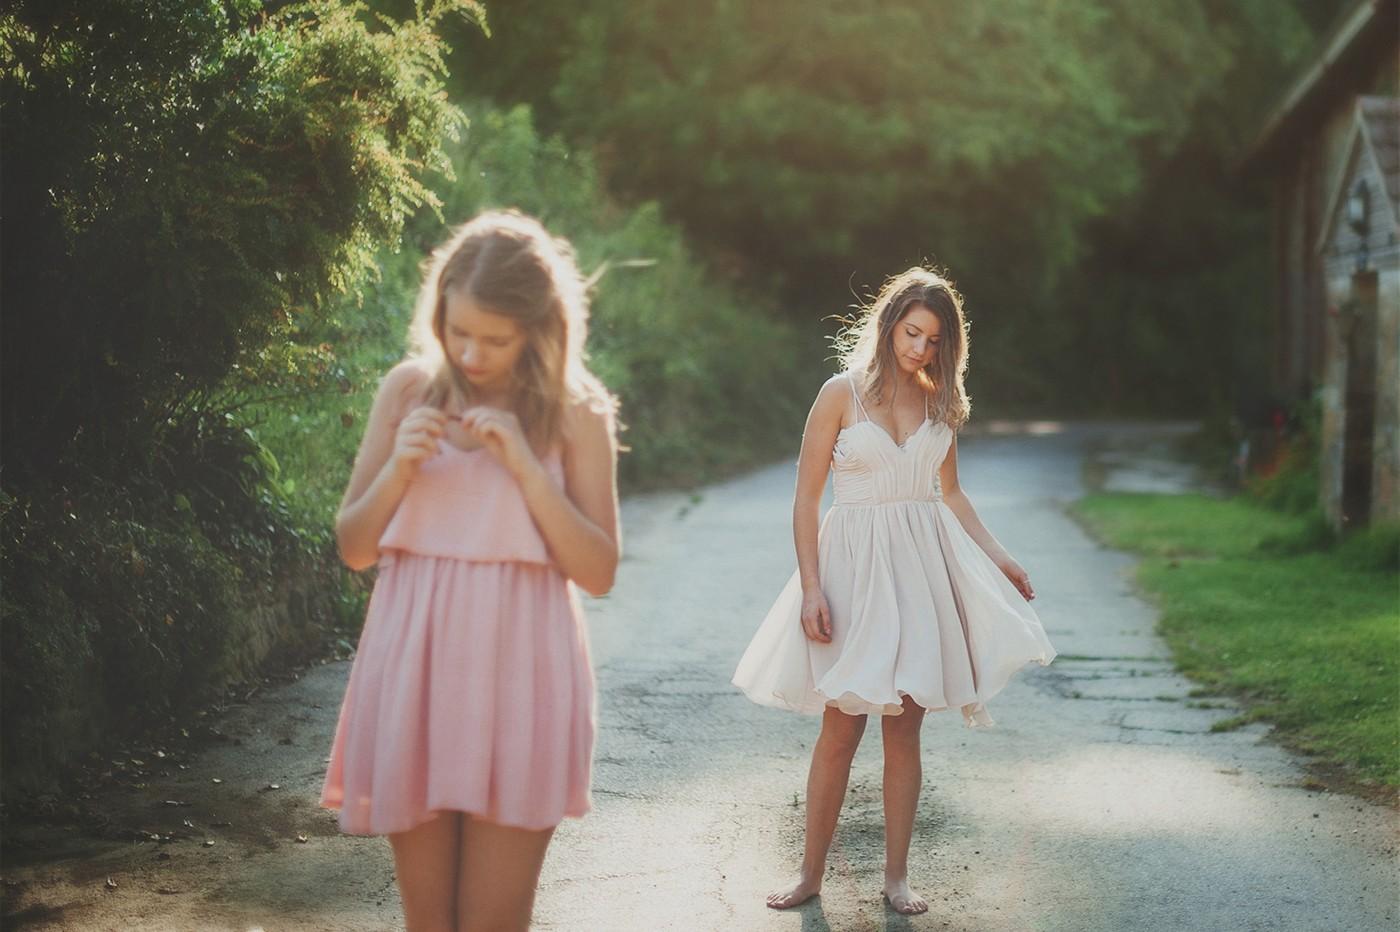 A Summer Ago by Emma Wood